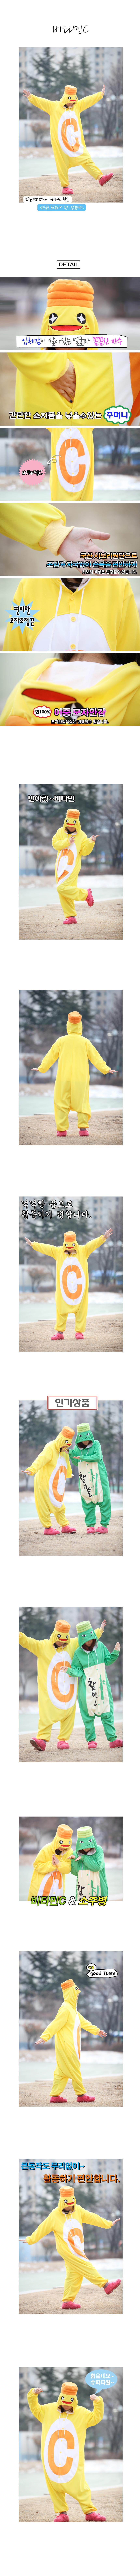 사계절동물잠옷-비타민C - 사자크동물잠옷, 37,000원, 잠옷, 커플파자마